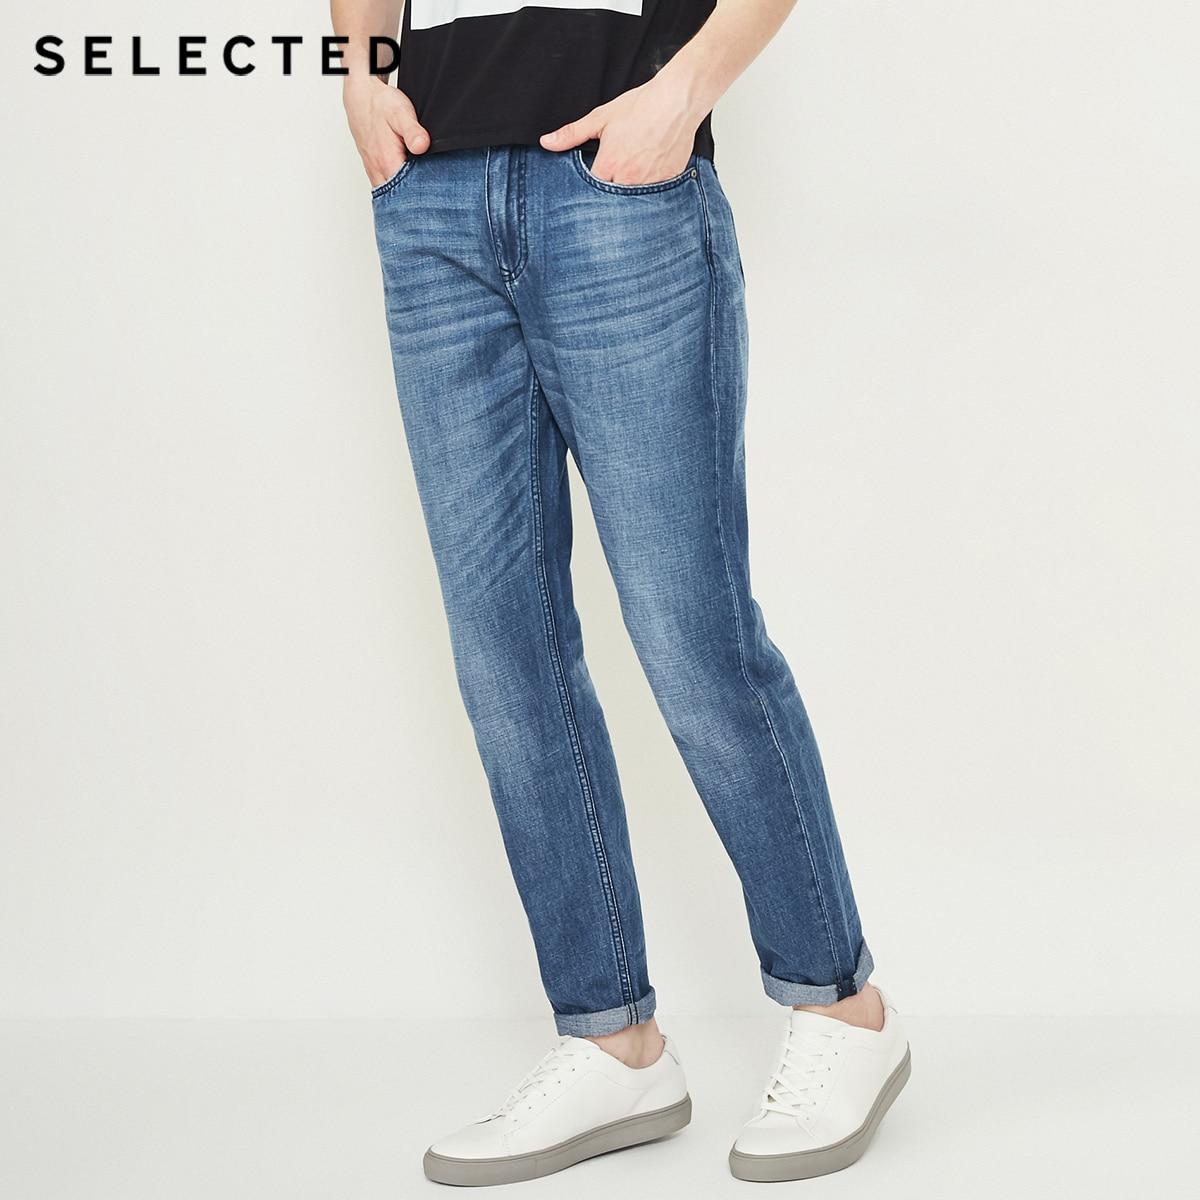 SELECTED Men   Jeans   Modis Cotton & Linen Do Old Edge Grinding Prewashed Male Casual Denim Pants C | 418332513